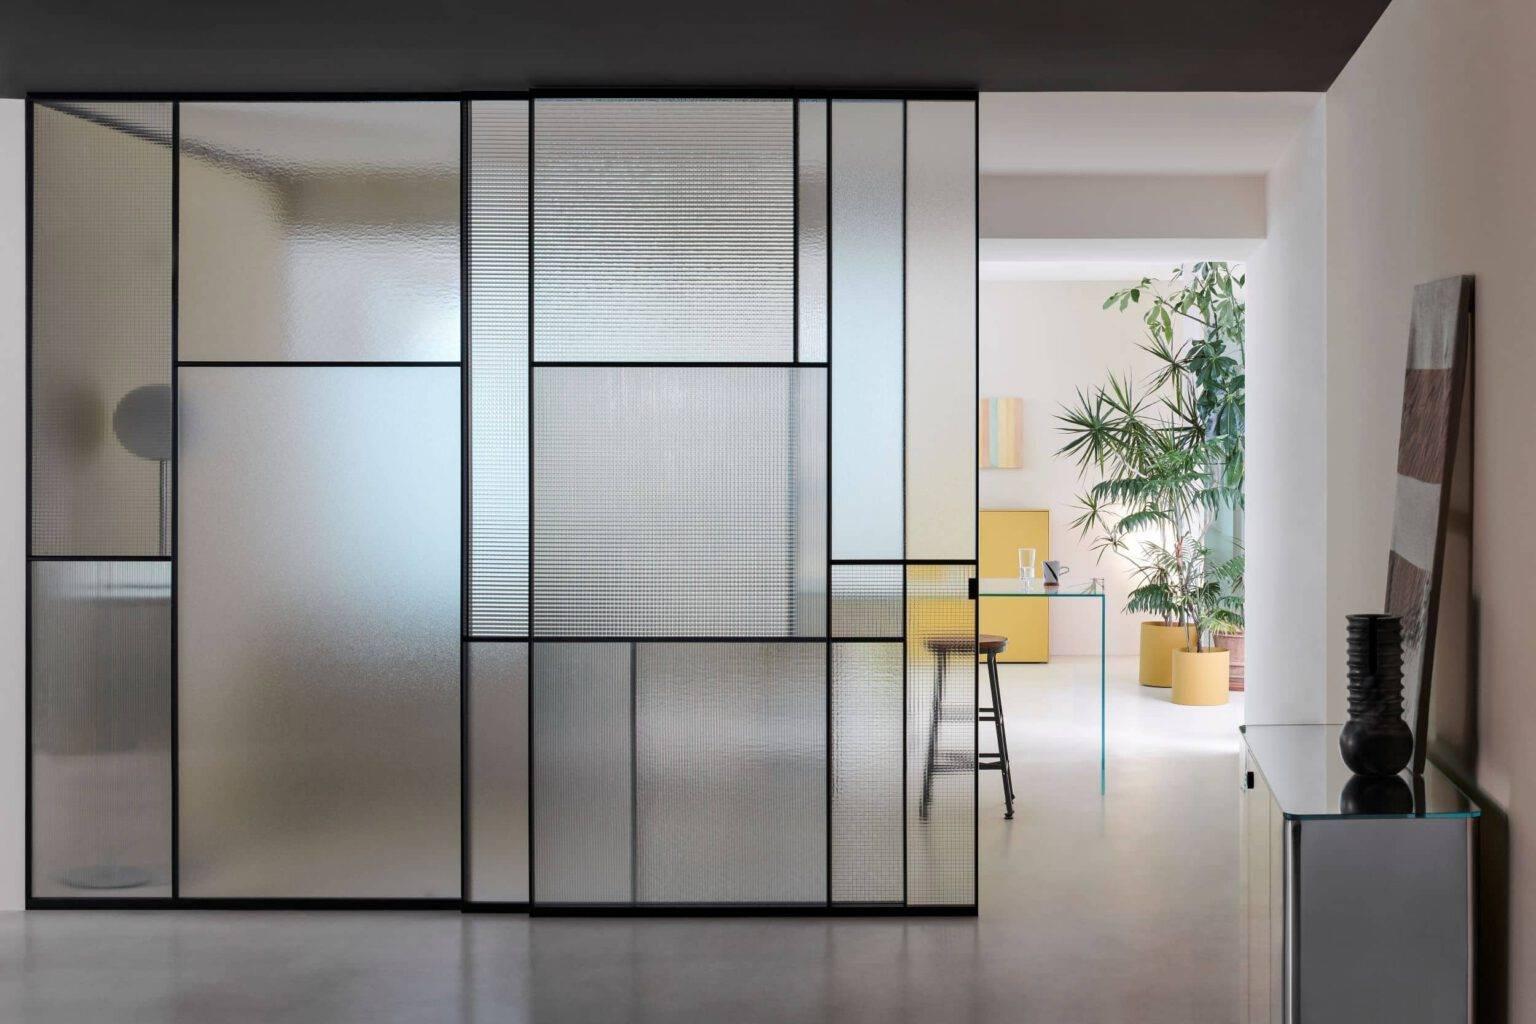 luxe-italiaanse-glazen-schuifdeur-met-vlakken-SHERAZADE-SLIDE-PATCHWORK-glasitalia